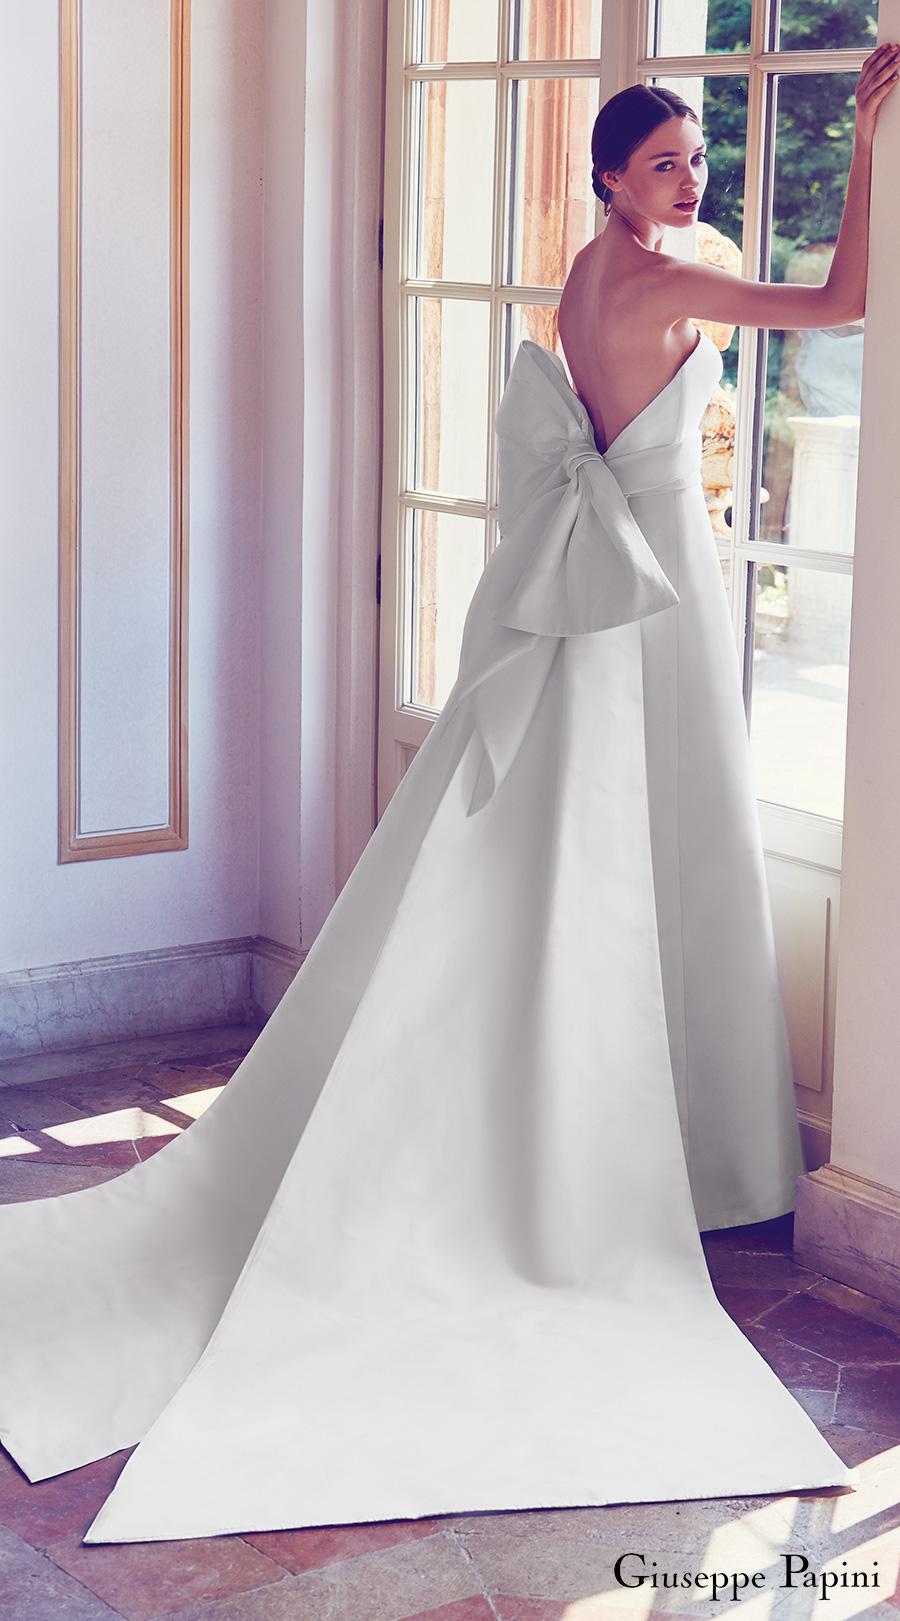 giuseppe papini 2017 (porto venere) strapless minimally embellished a line wedding dress large bow low back mv